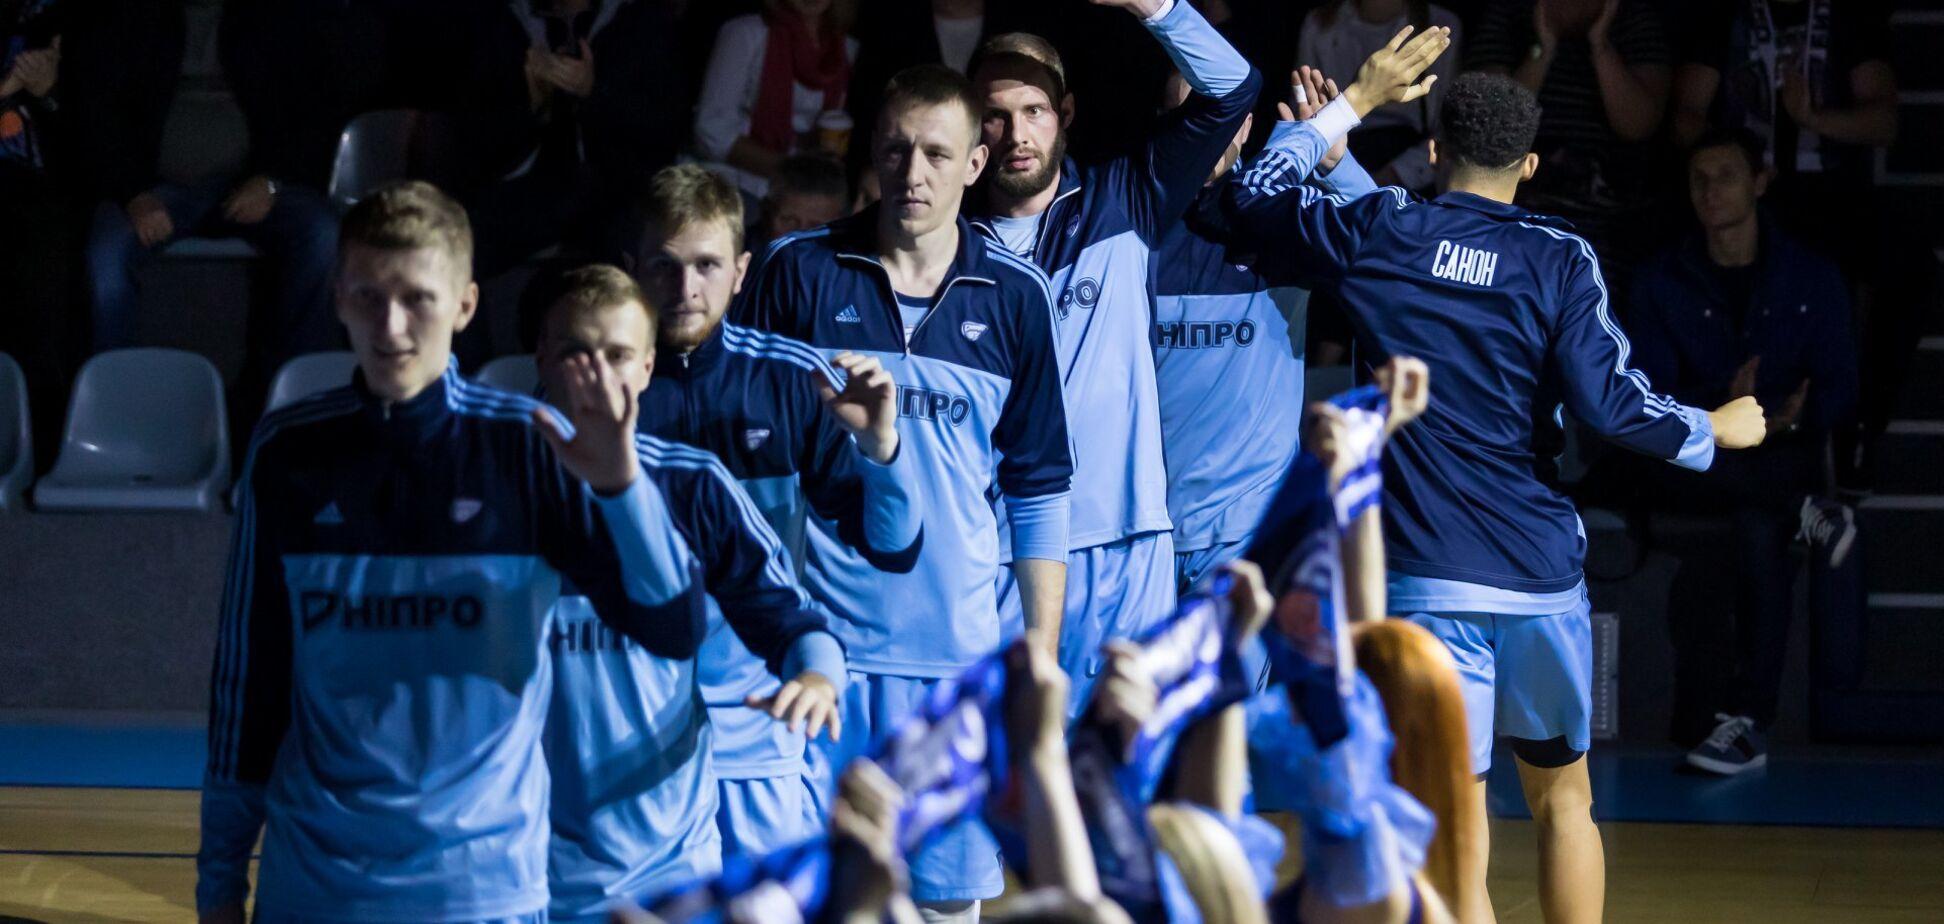 Чемпіон України з баскетболу зіграє в кваліфікації Ліги чемпіонів